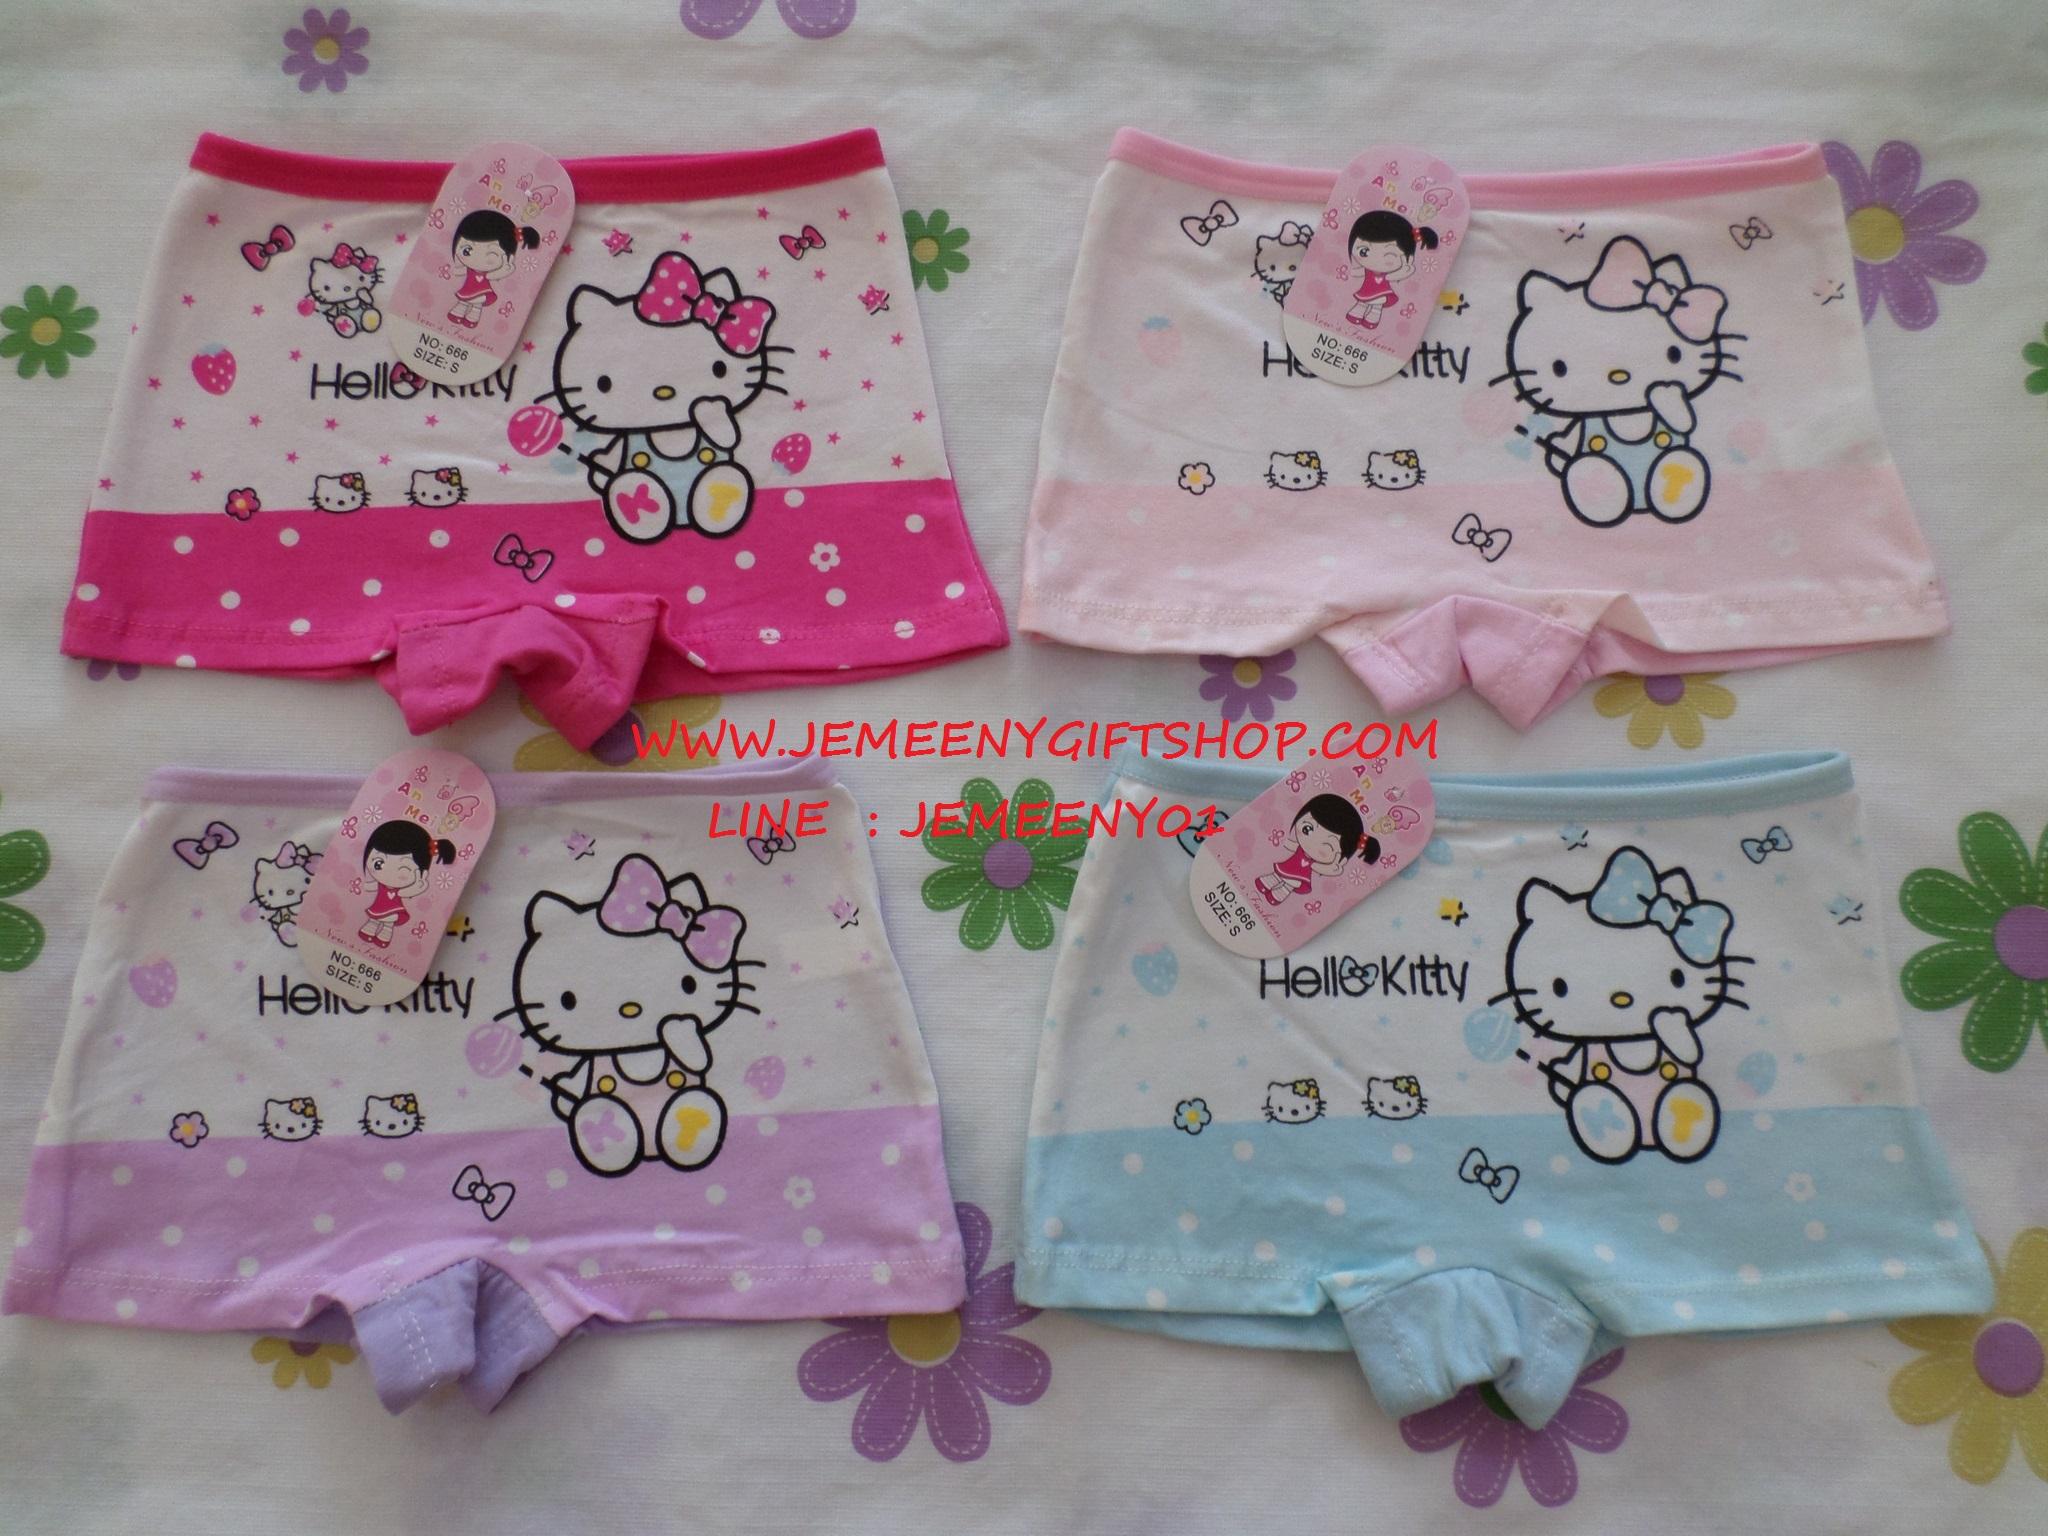 กางเกงชั้นในเด็ก แบบขาสั้น ฮัลโหลคิตตี้ Hello kitty#1 size S สำหรับเด็ก 2-4 ขวบ